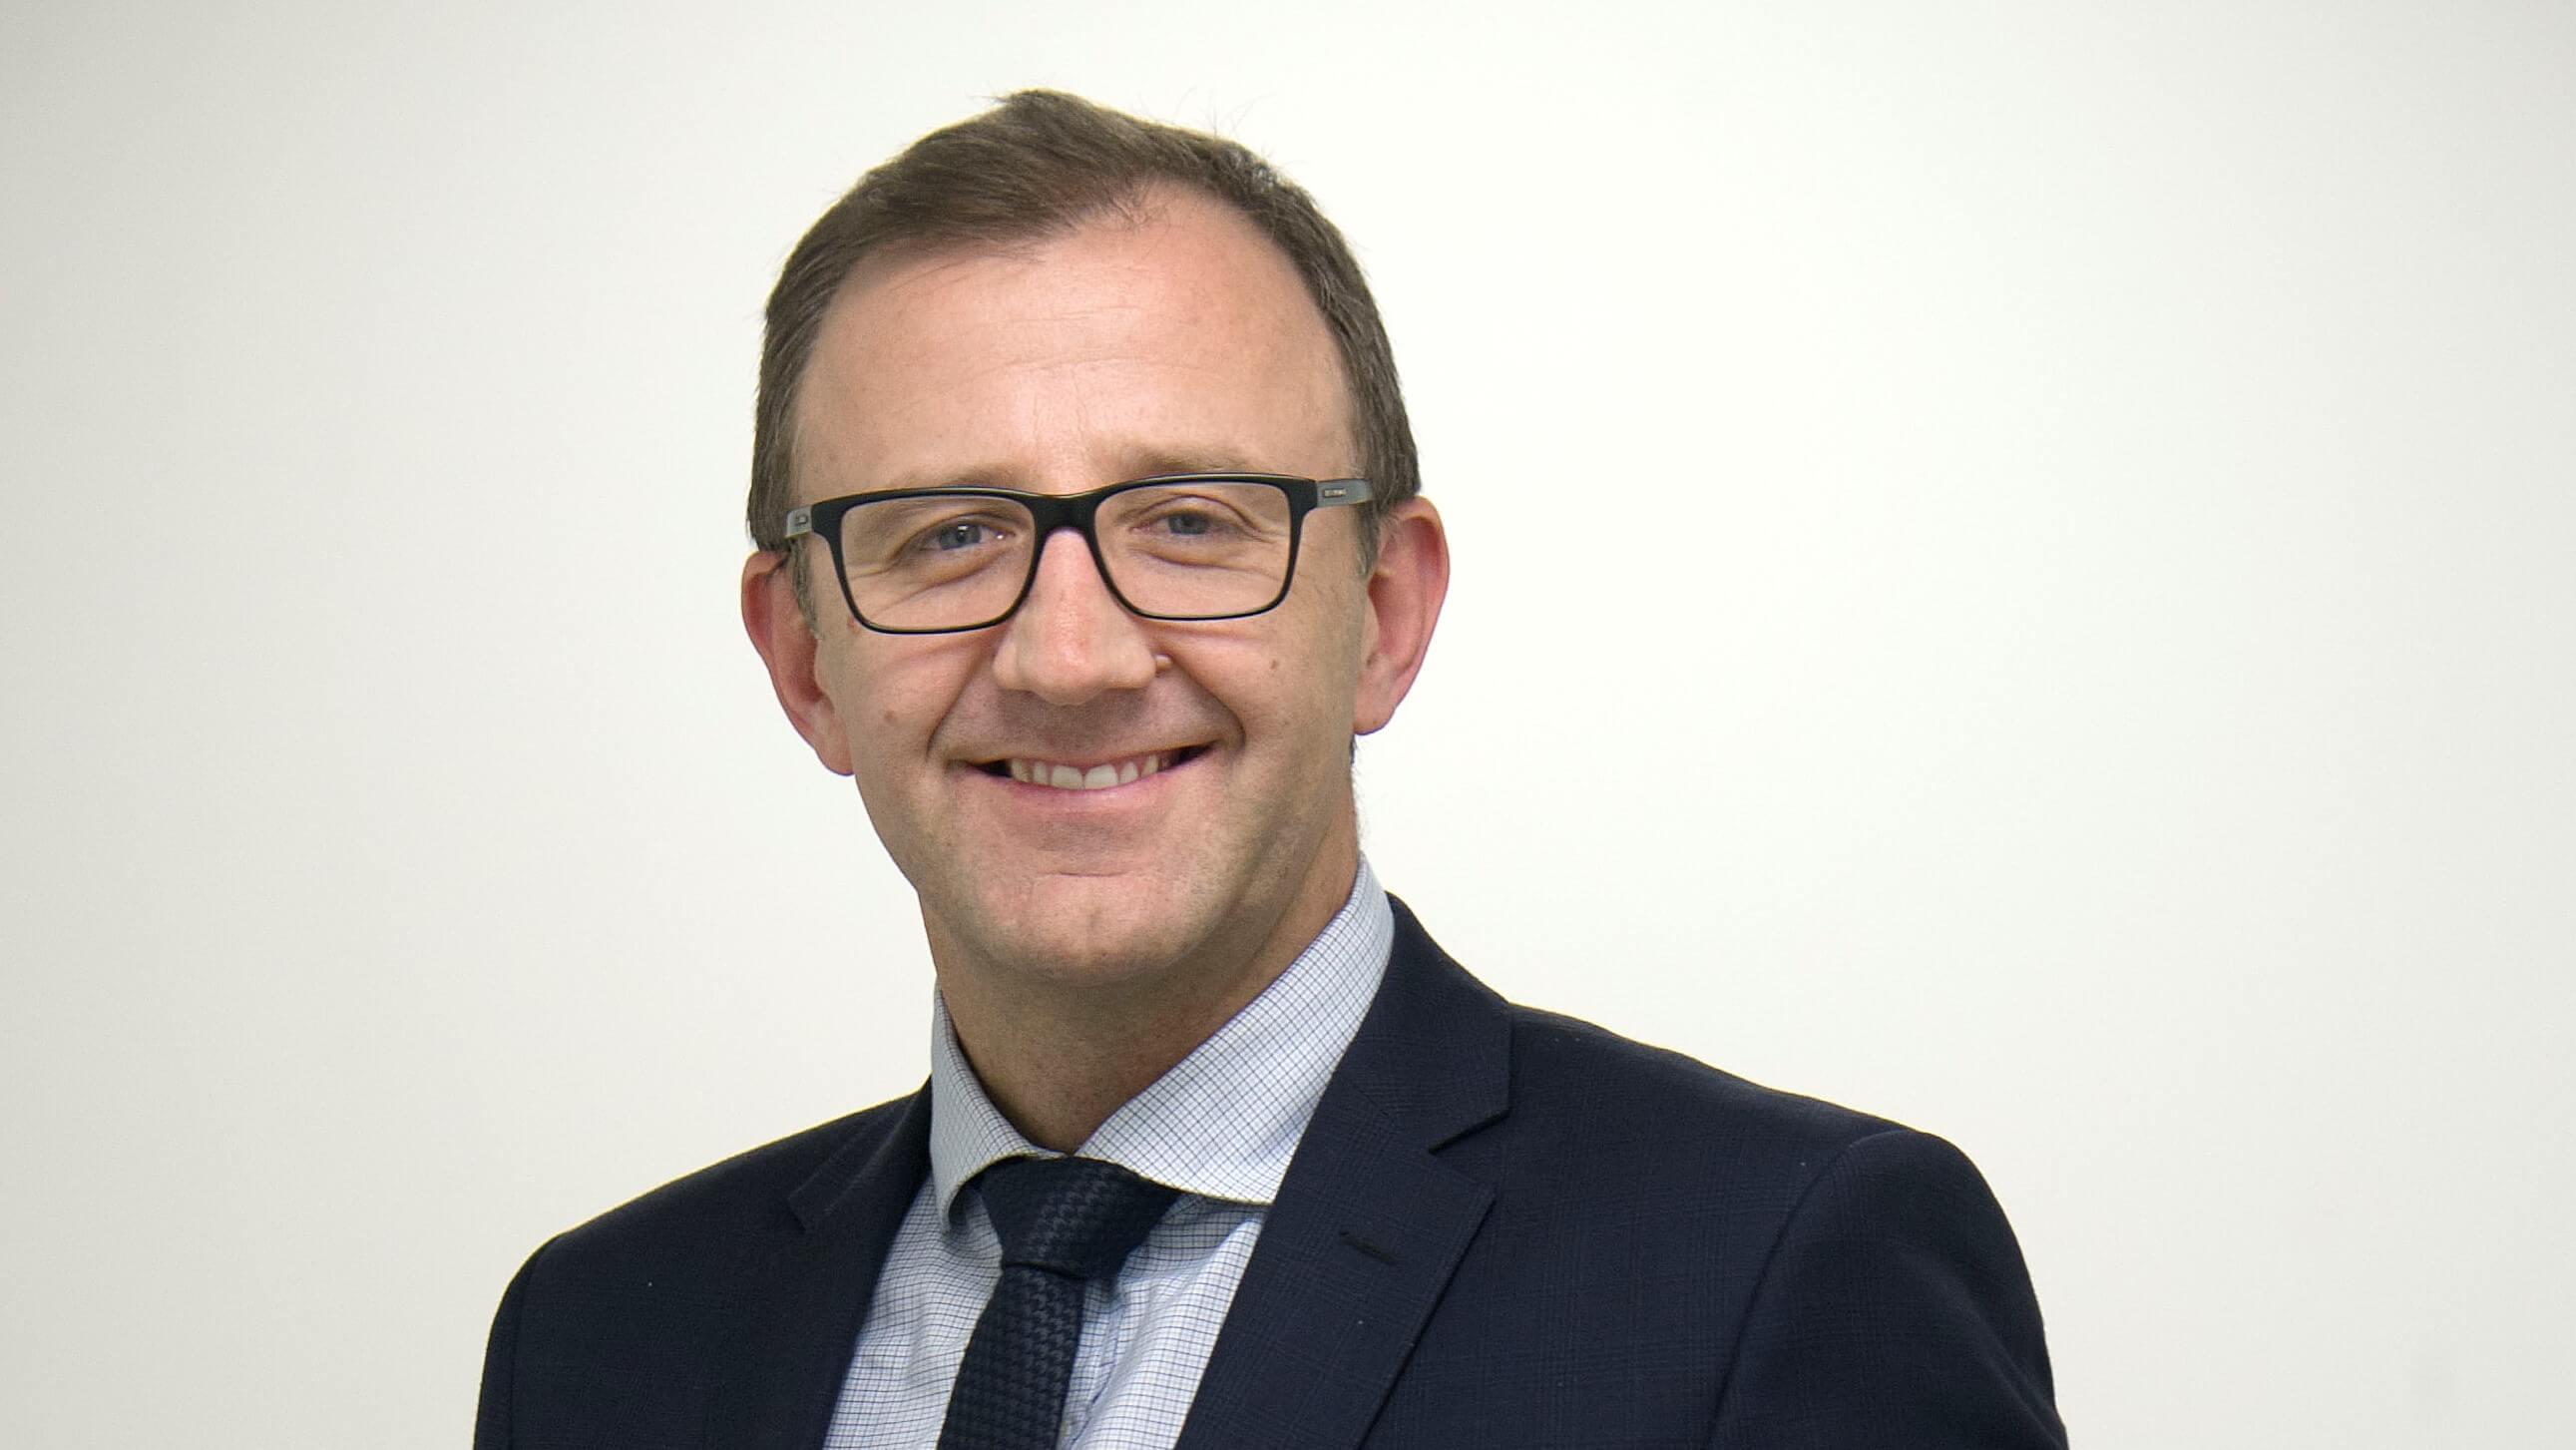 Andrew Tobin Reveals HR Directors' Value in Effective Workplaces